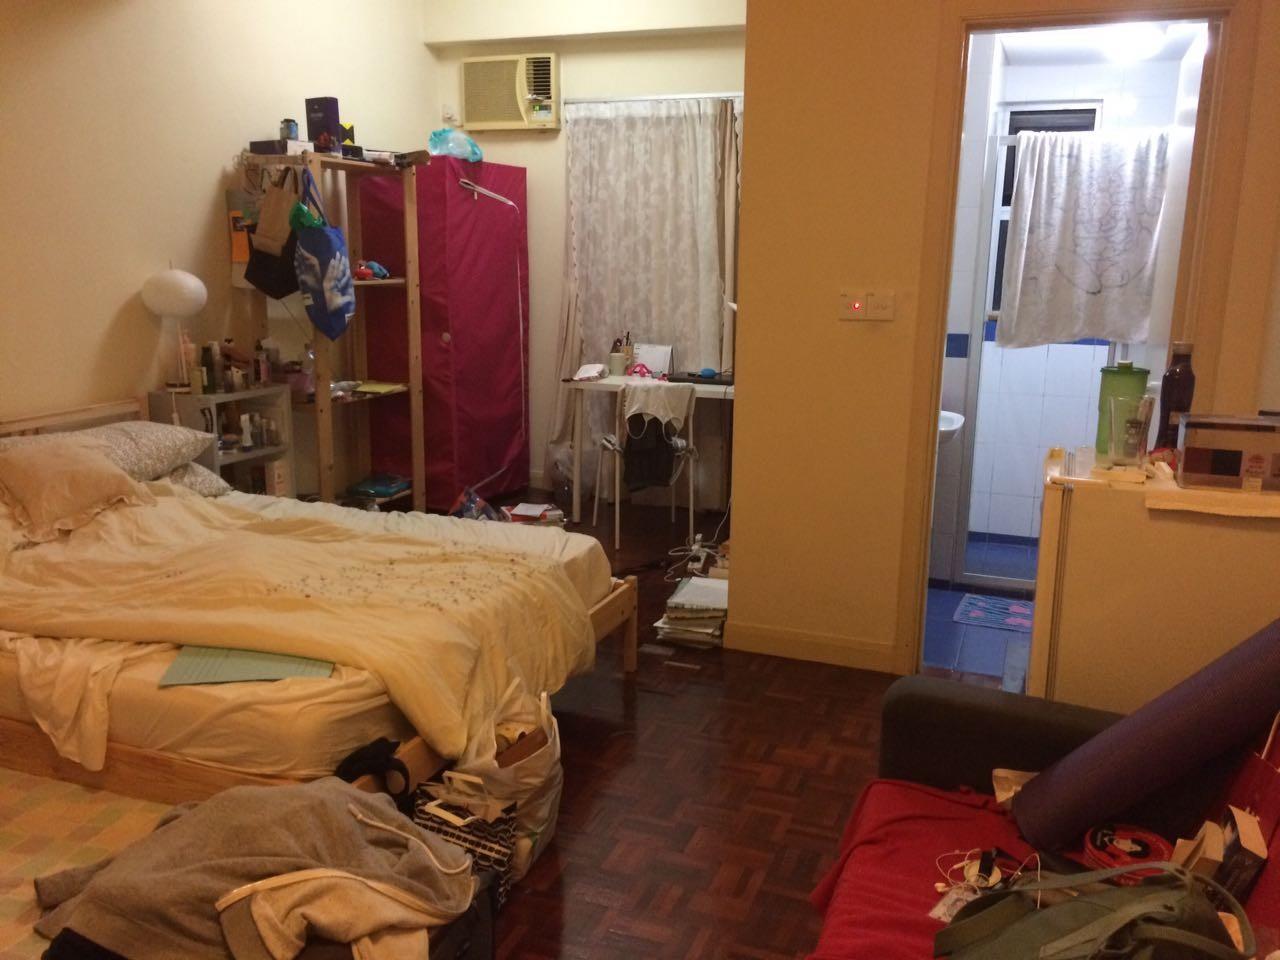 Apartment Room For Rent In Kuala Lumpur master room for rent in seri maya condominium | flat rent kuala lumpur